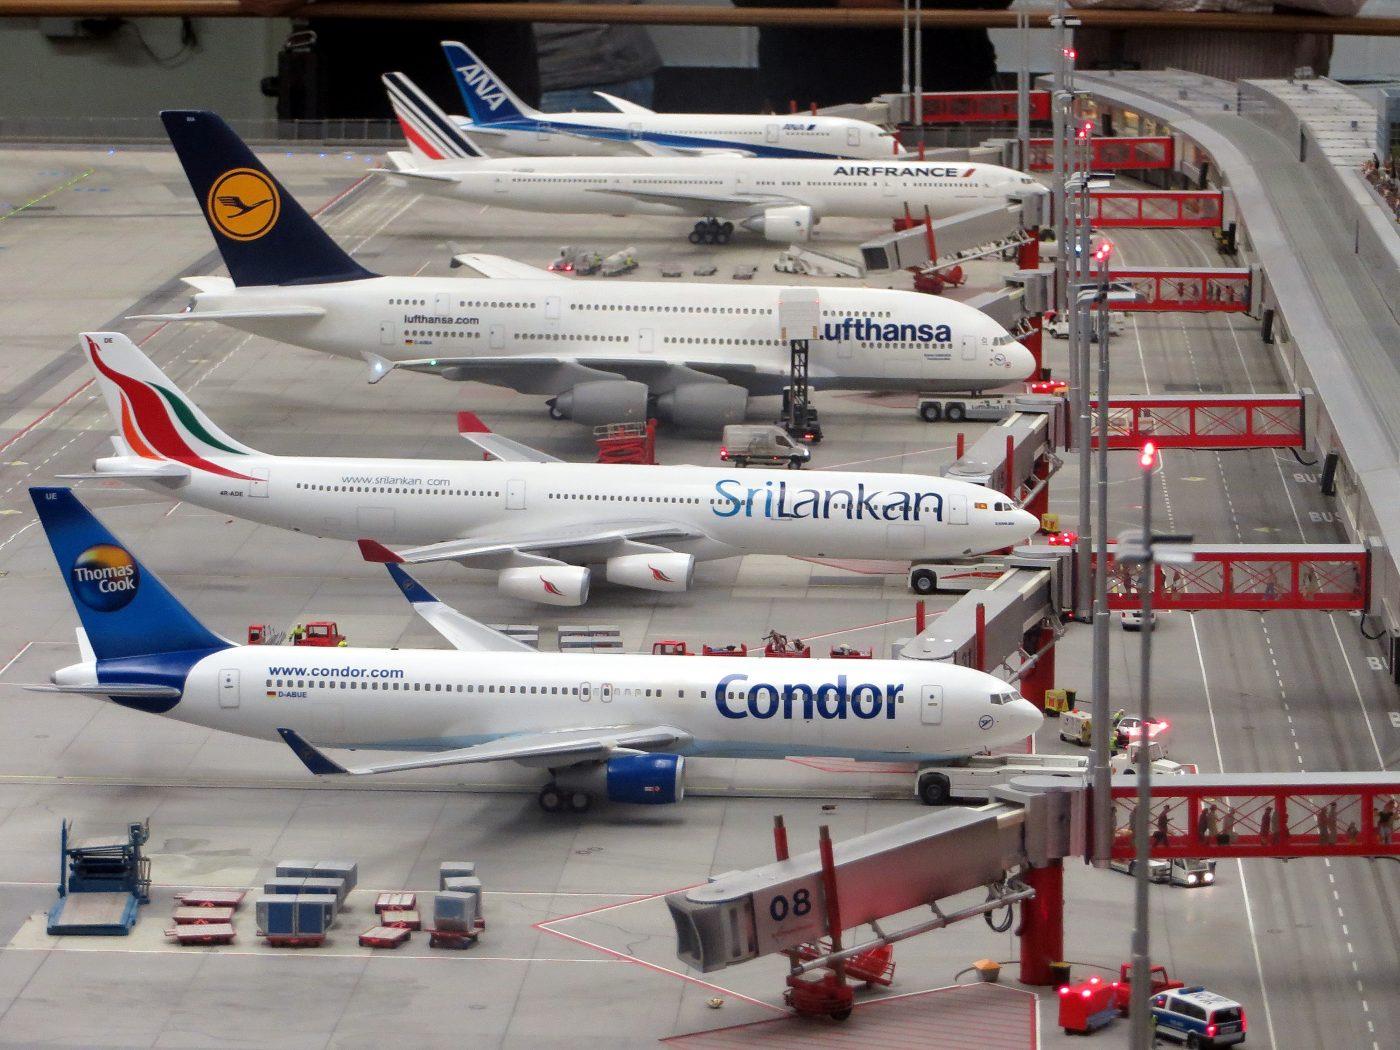 airline miles expiring